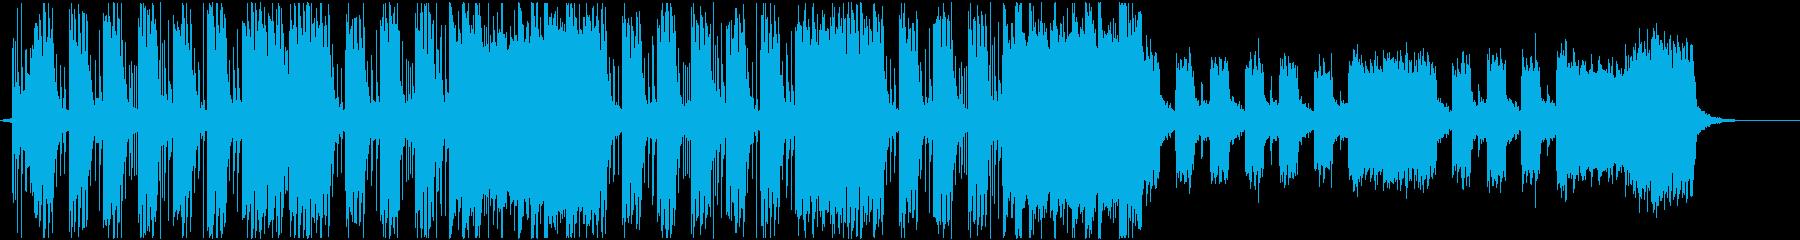 企業VP、CM系EDM 6の再生済みの波形